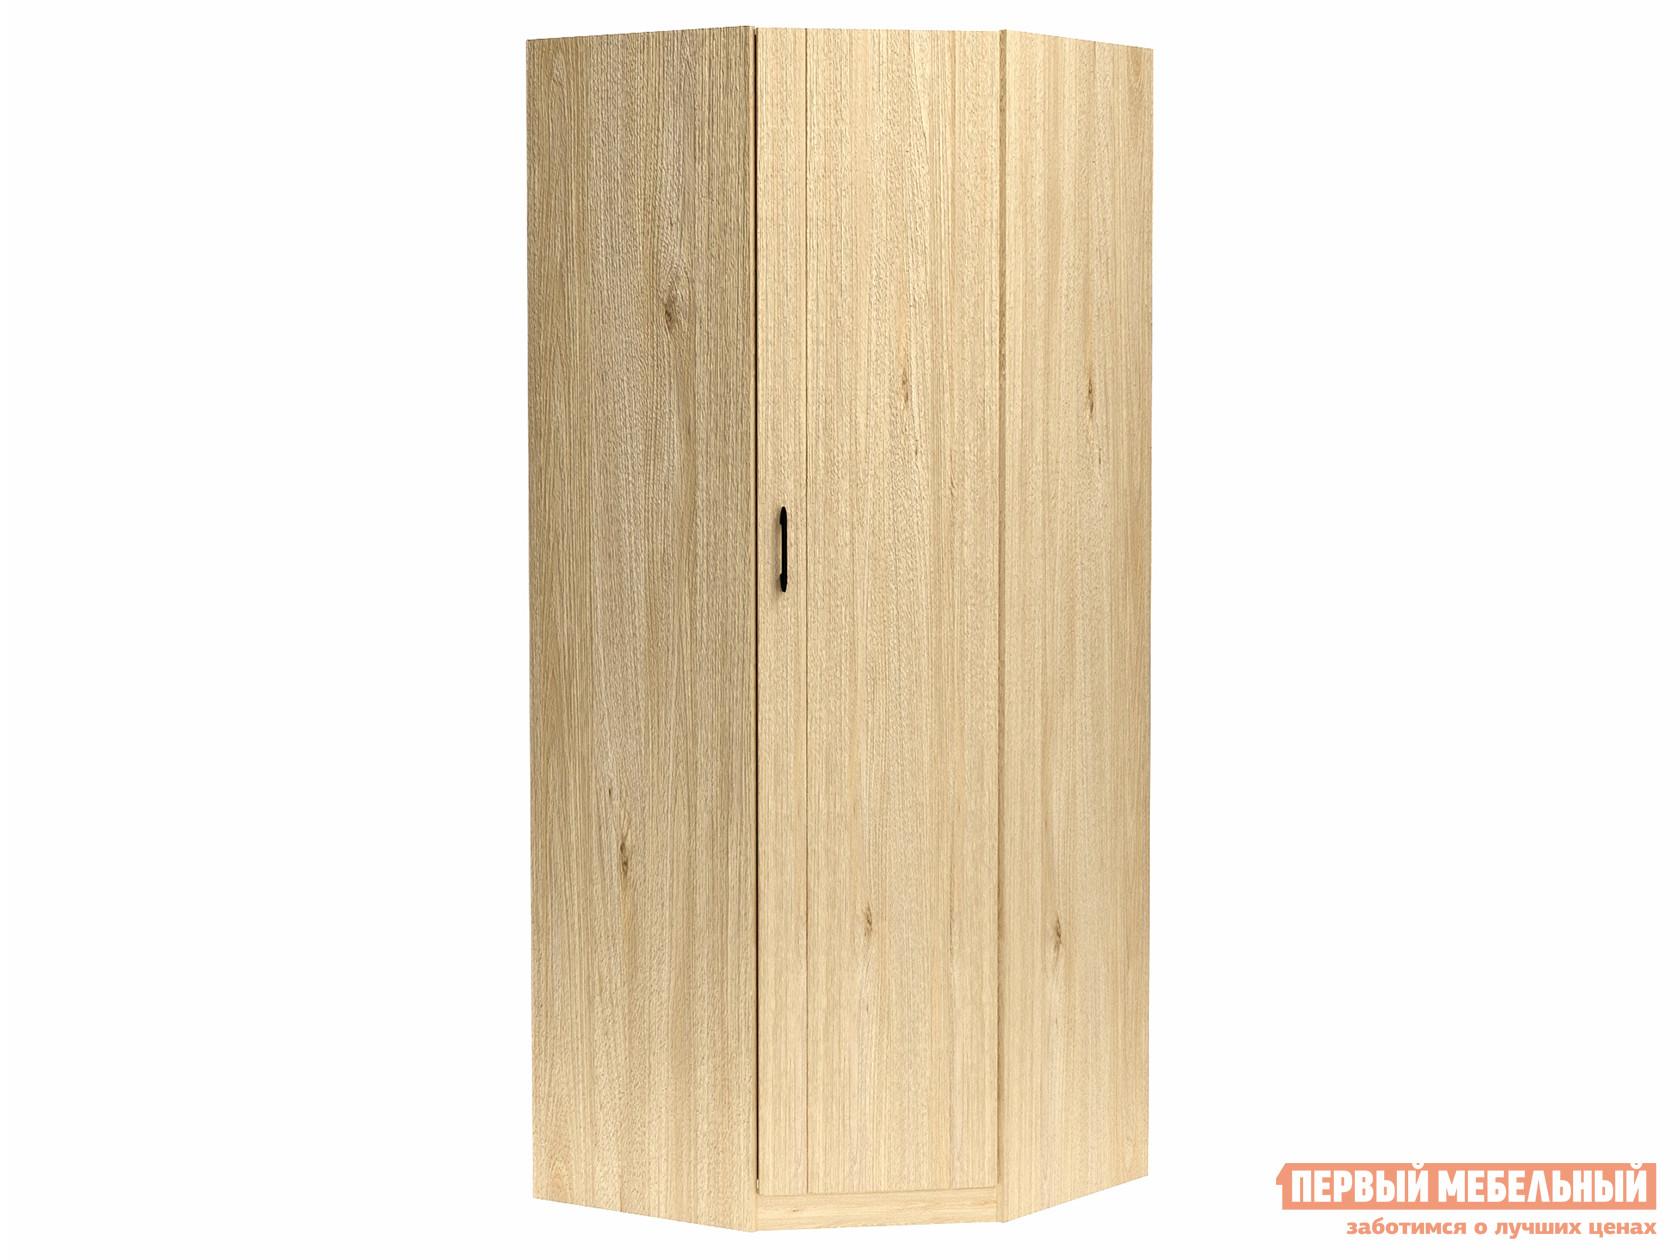 Шкаф распашной Первый Мебельный Шкаф угловой Бостон